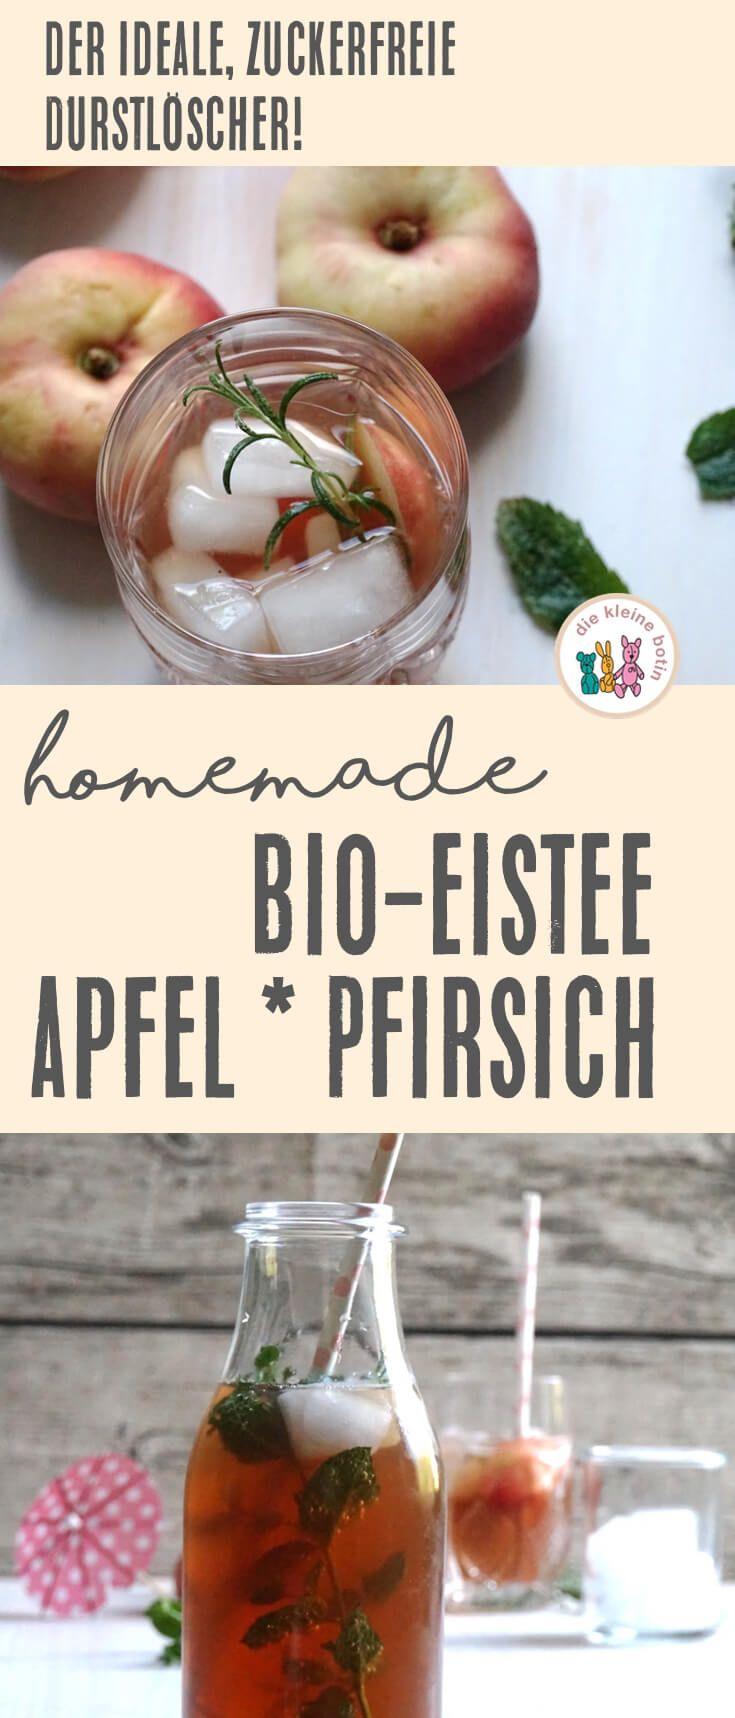 Eistee selbermachen ist so genial: Bio-Zutaten, wenig Zucker und der Geschmack ist perfekt! Der ideale Durstlöscher für die ganze Familie.